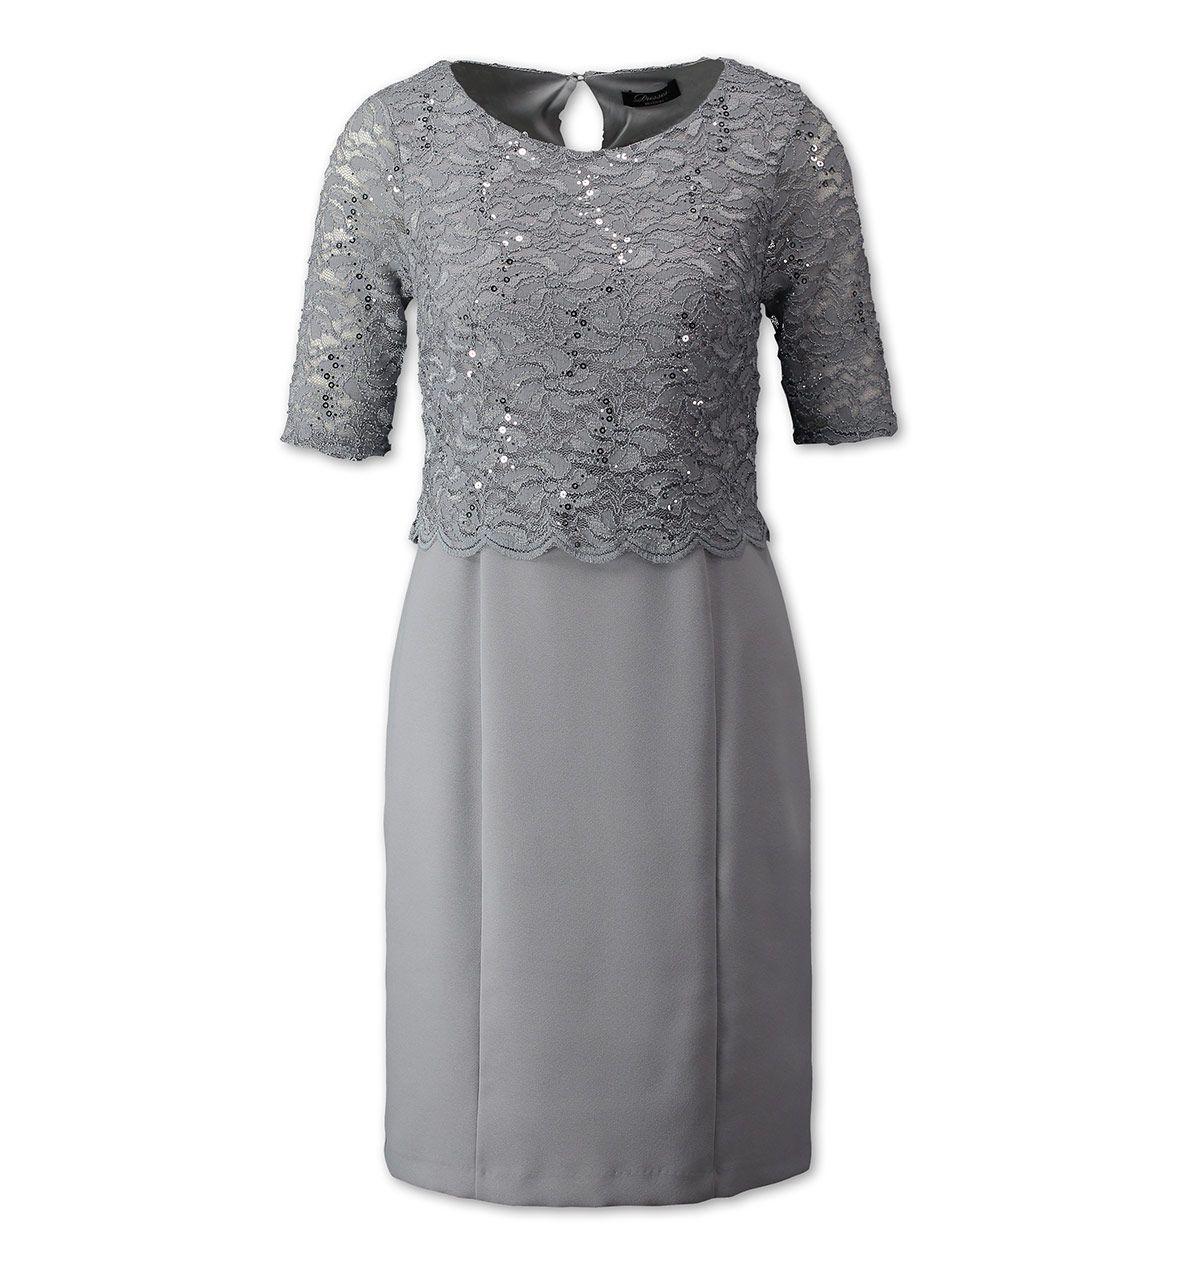 damen kleid in grau - mode günstig online kaufen - c&a